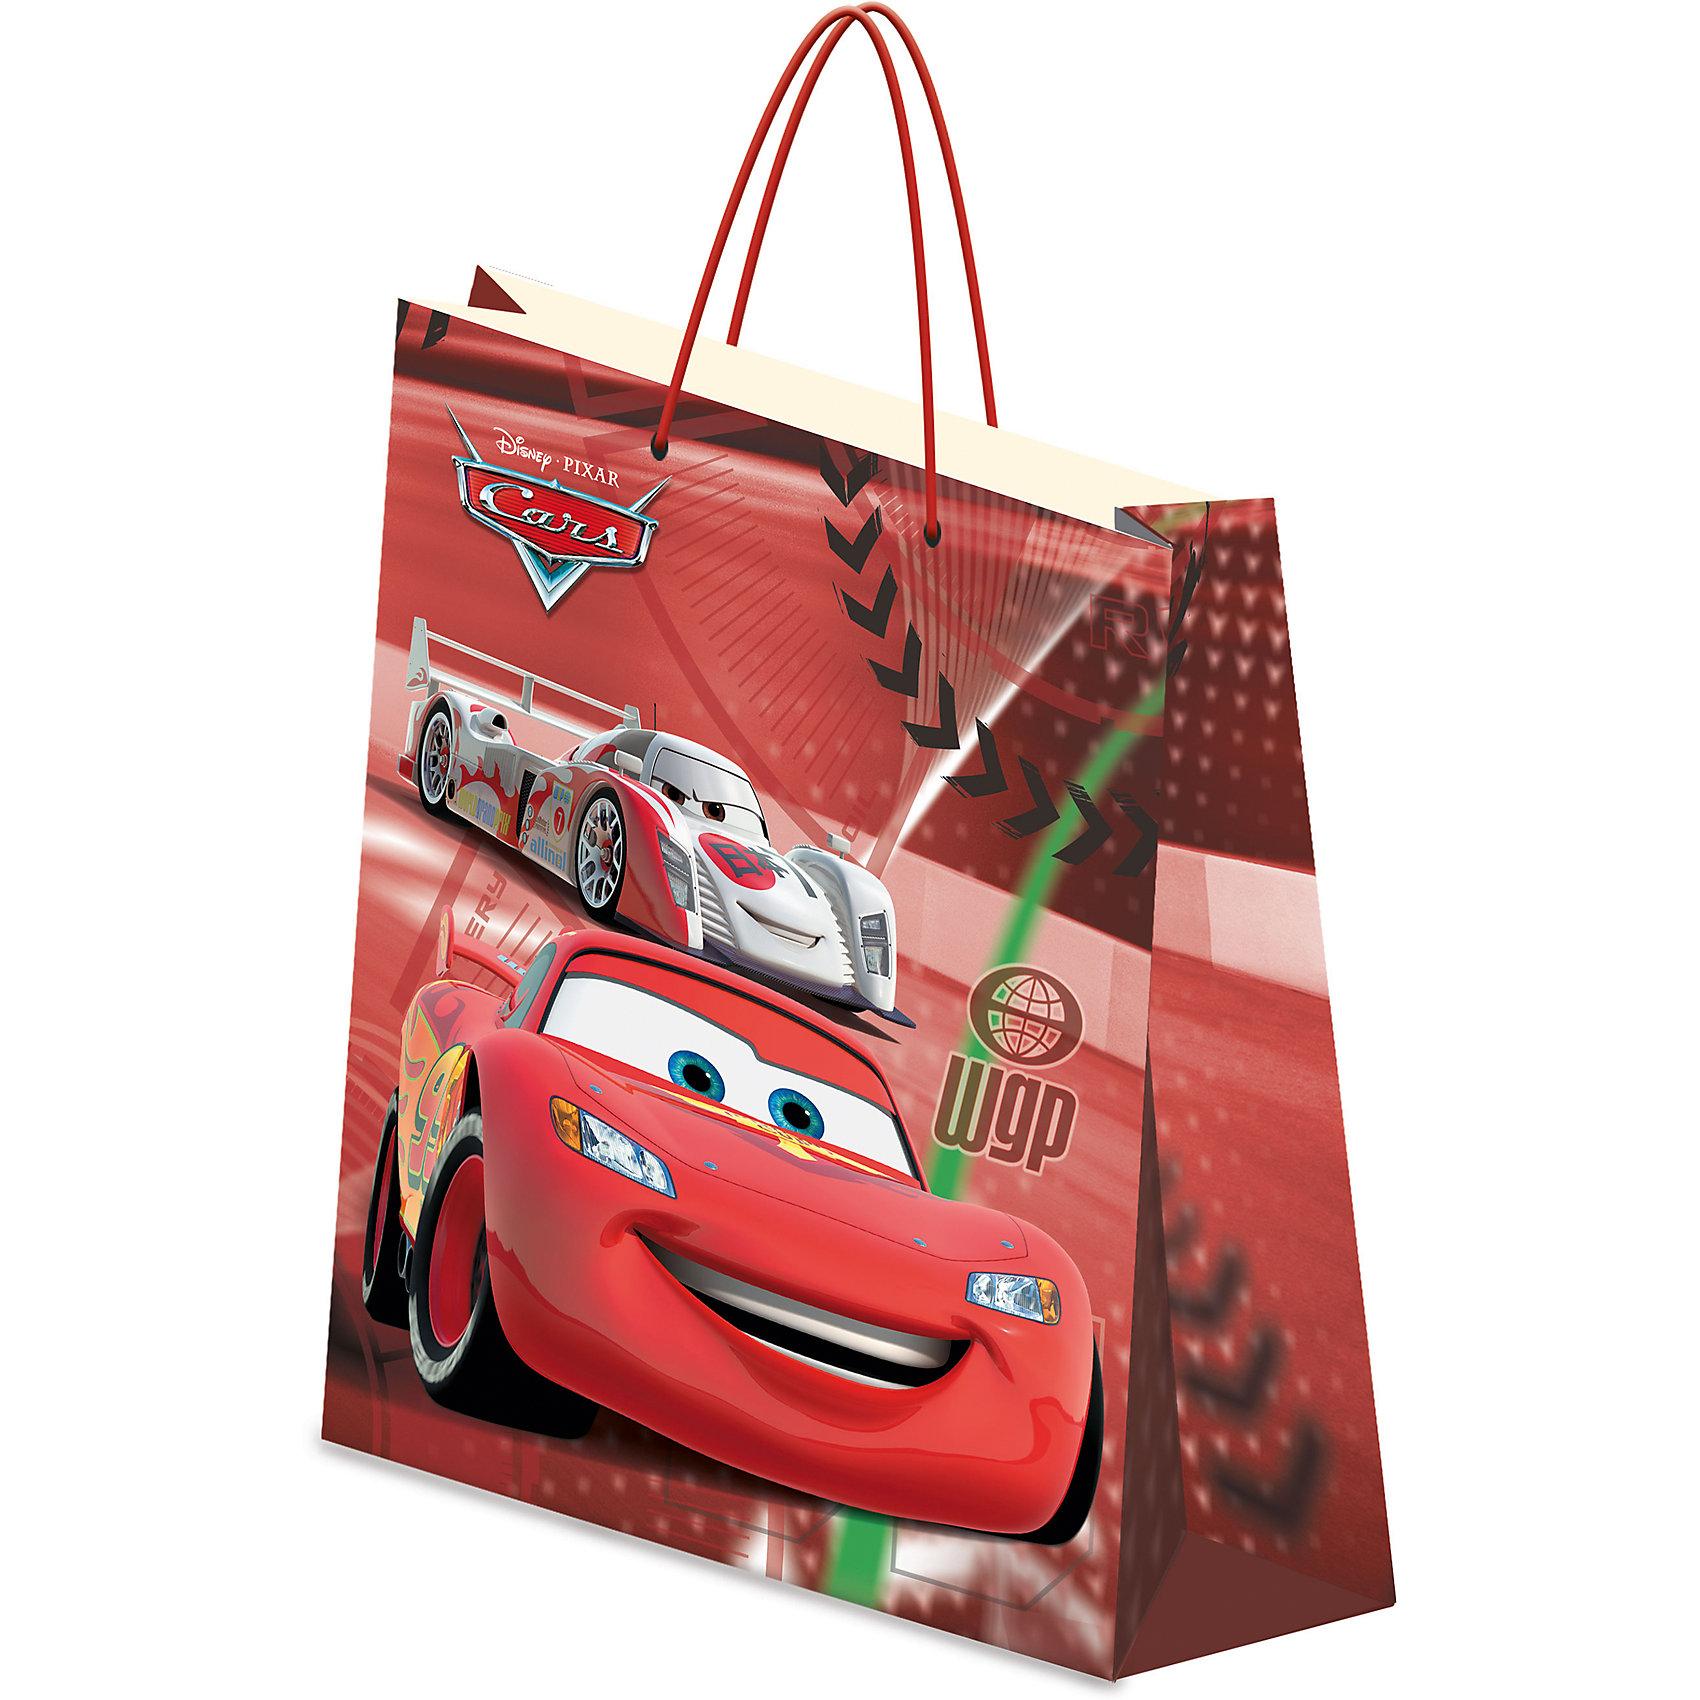 Пакет подарочный, ТачкиПакет подарочный, Тачки<br><br>Характеристики:<br><br>- Размер упаковки: 13х16х5см.<br>- Вес: 20г.<br><br>Подарочный пакет Тачки станет замечательным аксессуаром для детского праздника или тематической вечеринки. С его помощью Вы сможете красиво оформить подарки, памятные сувениры или сюрпризы для конкурсов. Пакет выполнен из плотной бумаги с эффектом матовой ламинации и украшен изображением популярных персонажей мультипликационного фильма Тачки. <br><br>Пакет подарочный, Тачки, можно купить в нашем интернет- магазине.<br><br>Ширина мм: 130<br>Глубина мм: 160<br>Высота мм: 5<br>Вес г: 20<br>Возраст от месяцев: 60<br>Возраст до месяцев: 84<br>Пол: Мужской<br>Возраст: Детский<br>SKU: 5218419